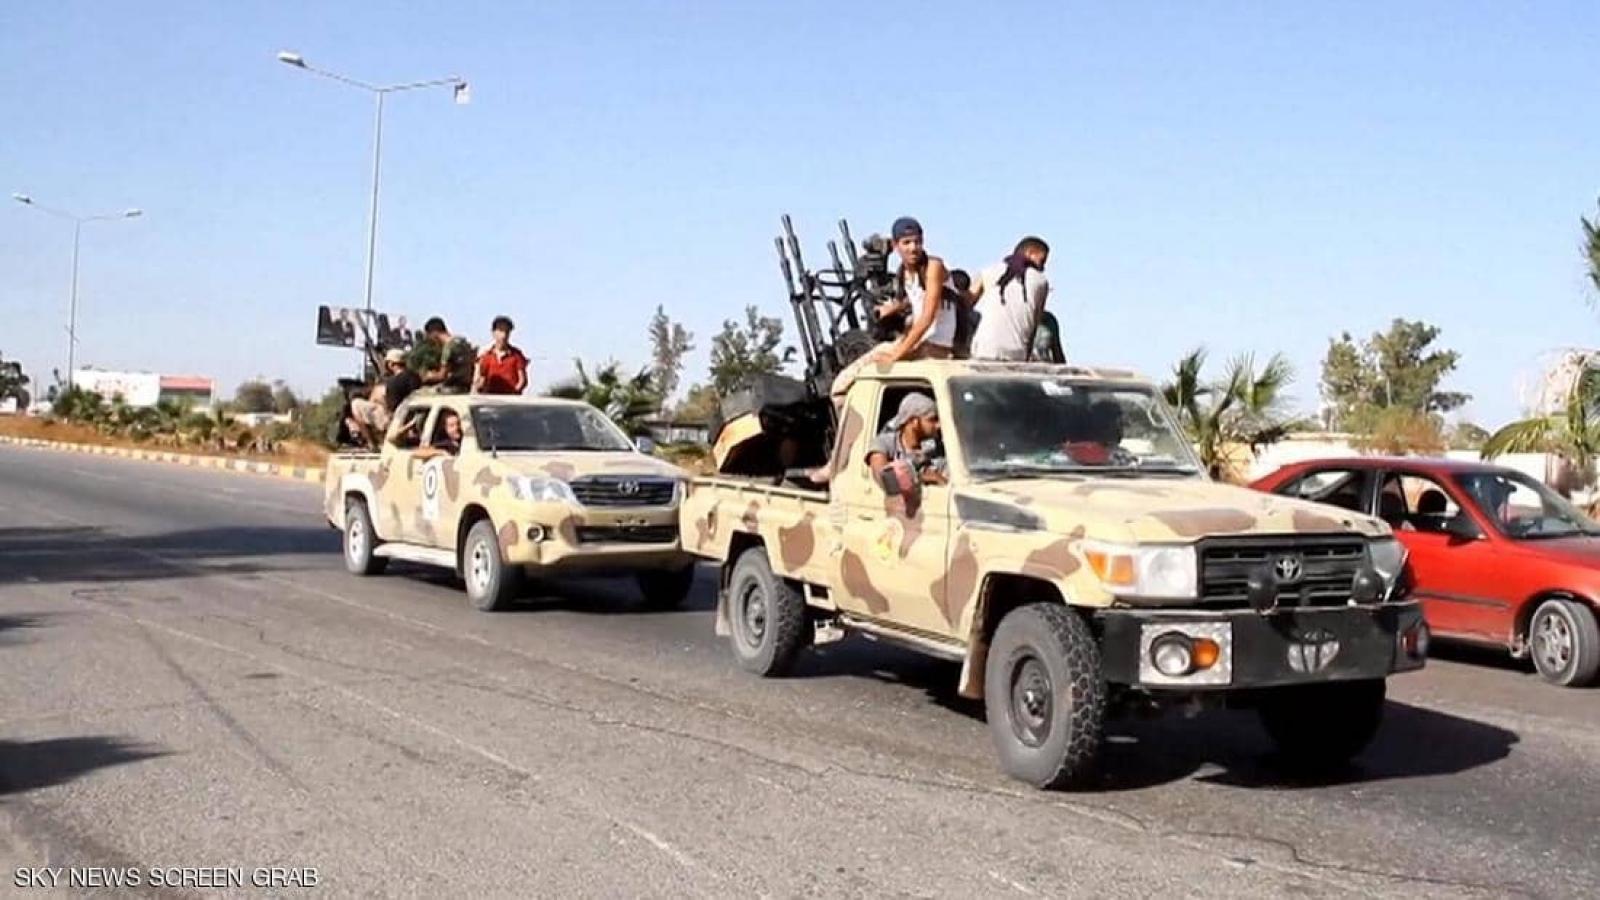 Liên Hợp Quốc cảnh báo về sự hiện diện của lính đánh thuê nước ngoài tại Libya